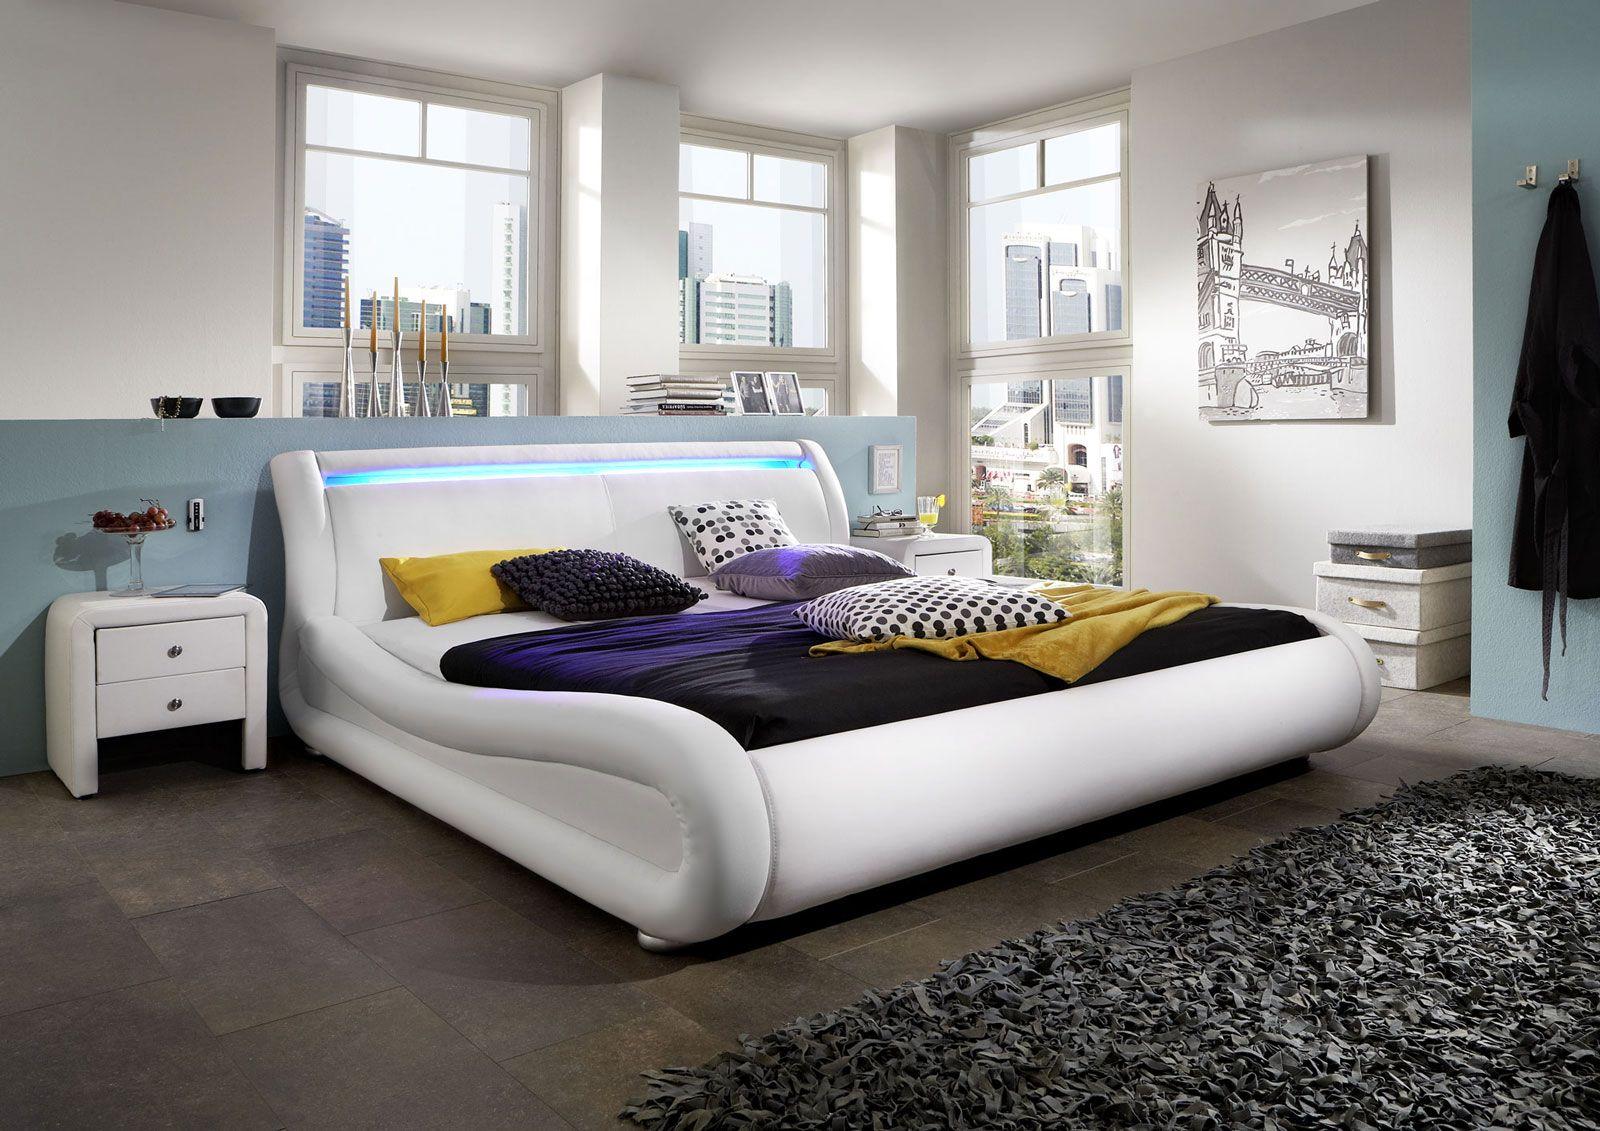 SAM® Polsterbett 120 x 200 cm Weiß CLIP LED Polsterbett